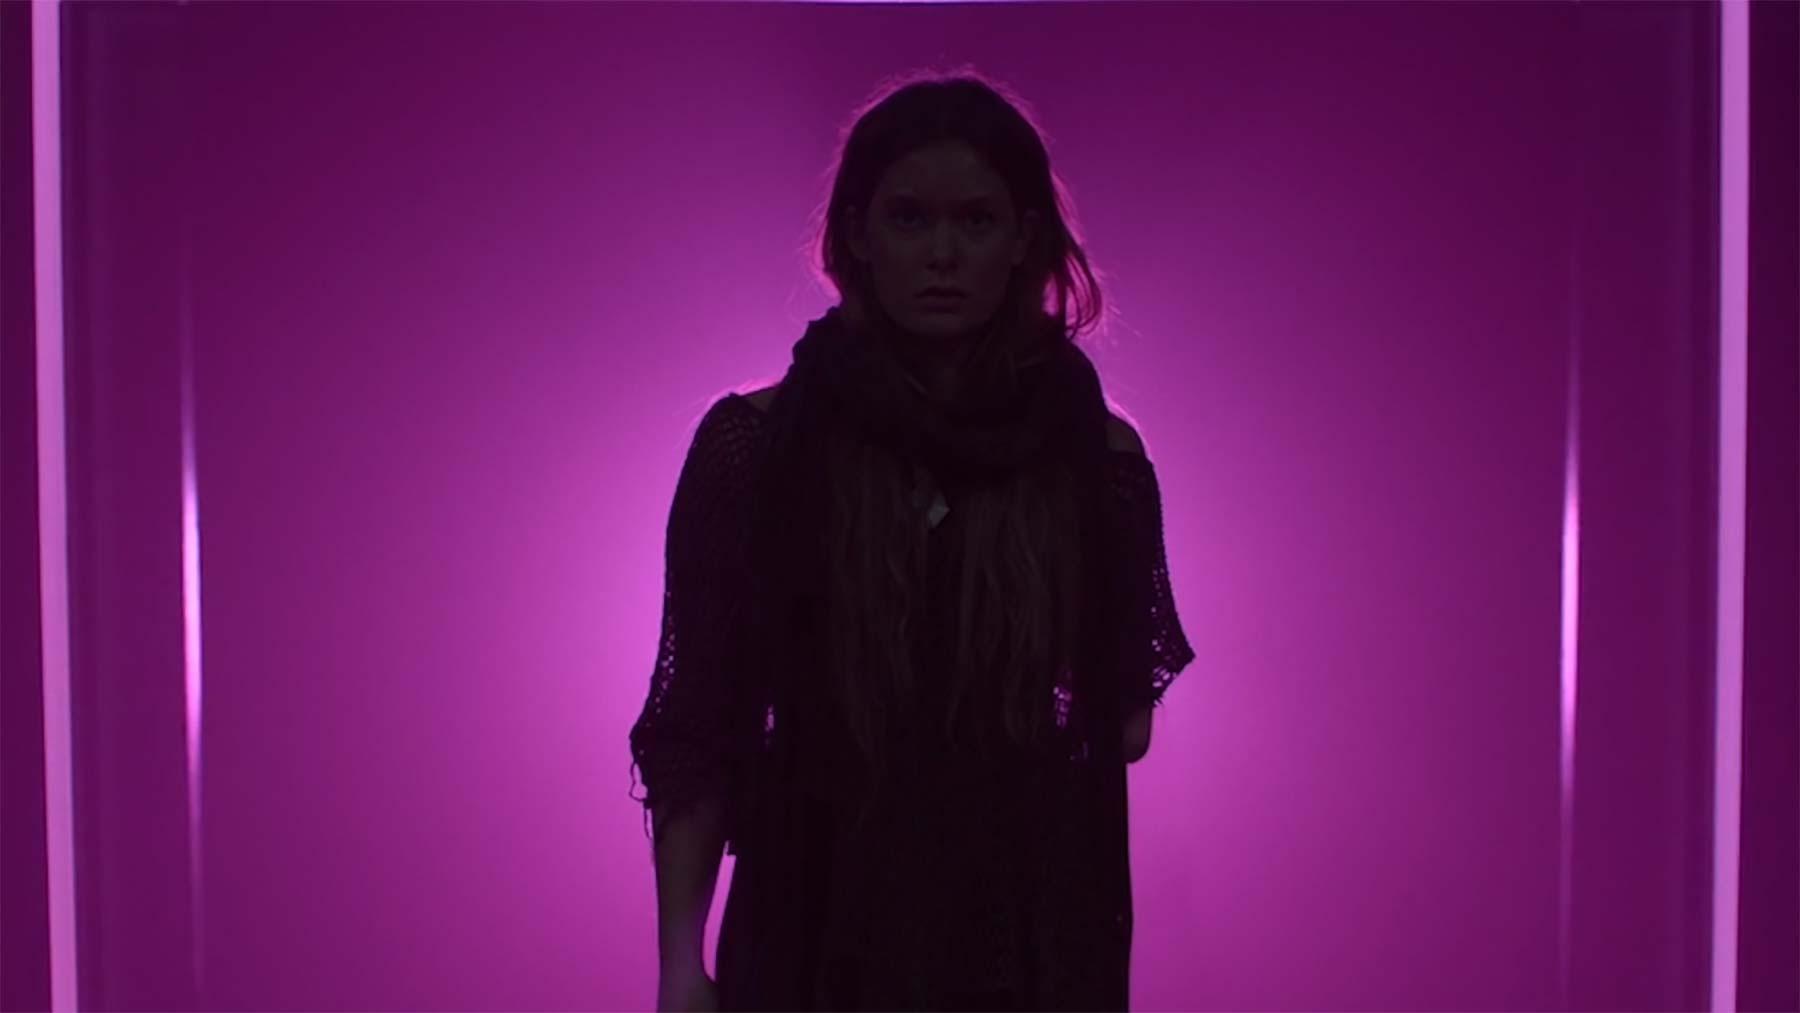 Eine Hommage an Neonlicht in Filmen